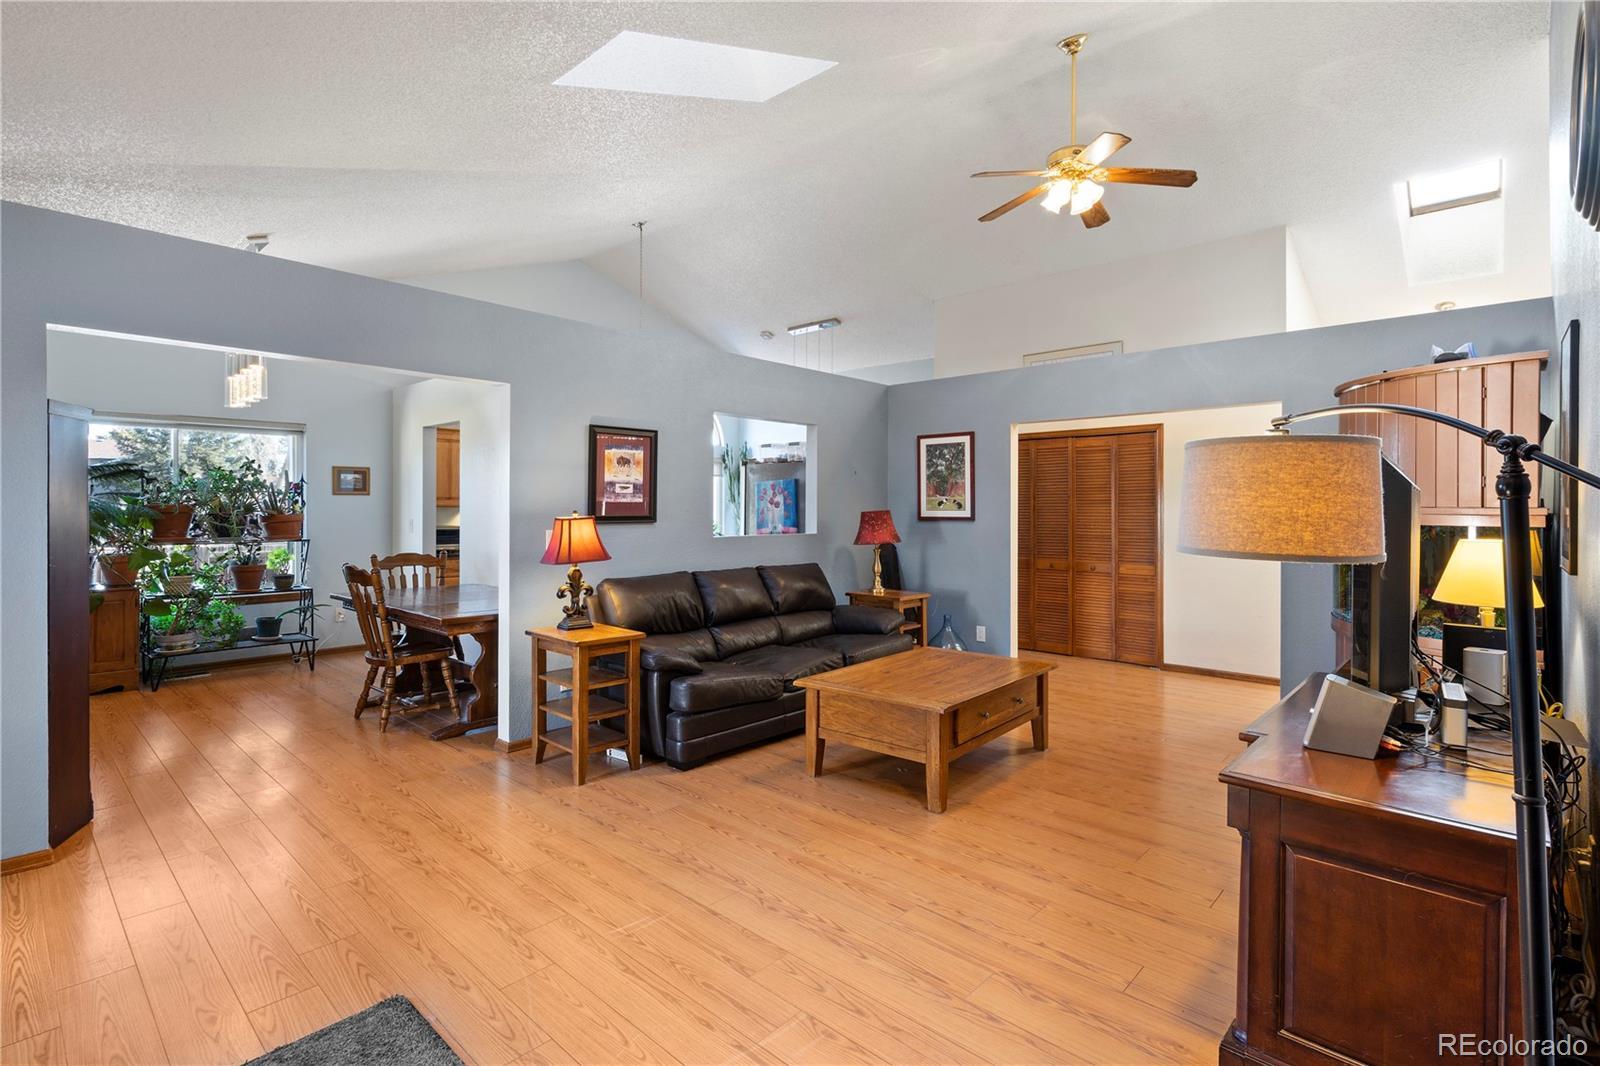 MLS# 1721256 - 5 - 6464 Wicklow Circle, Colorado Springs, CO 80918